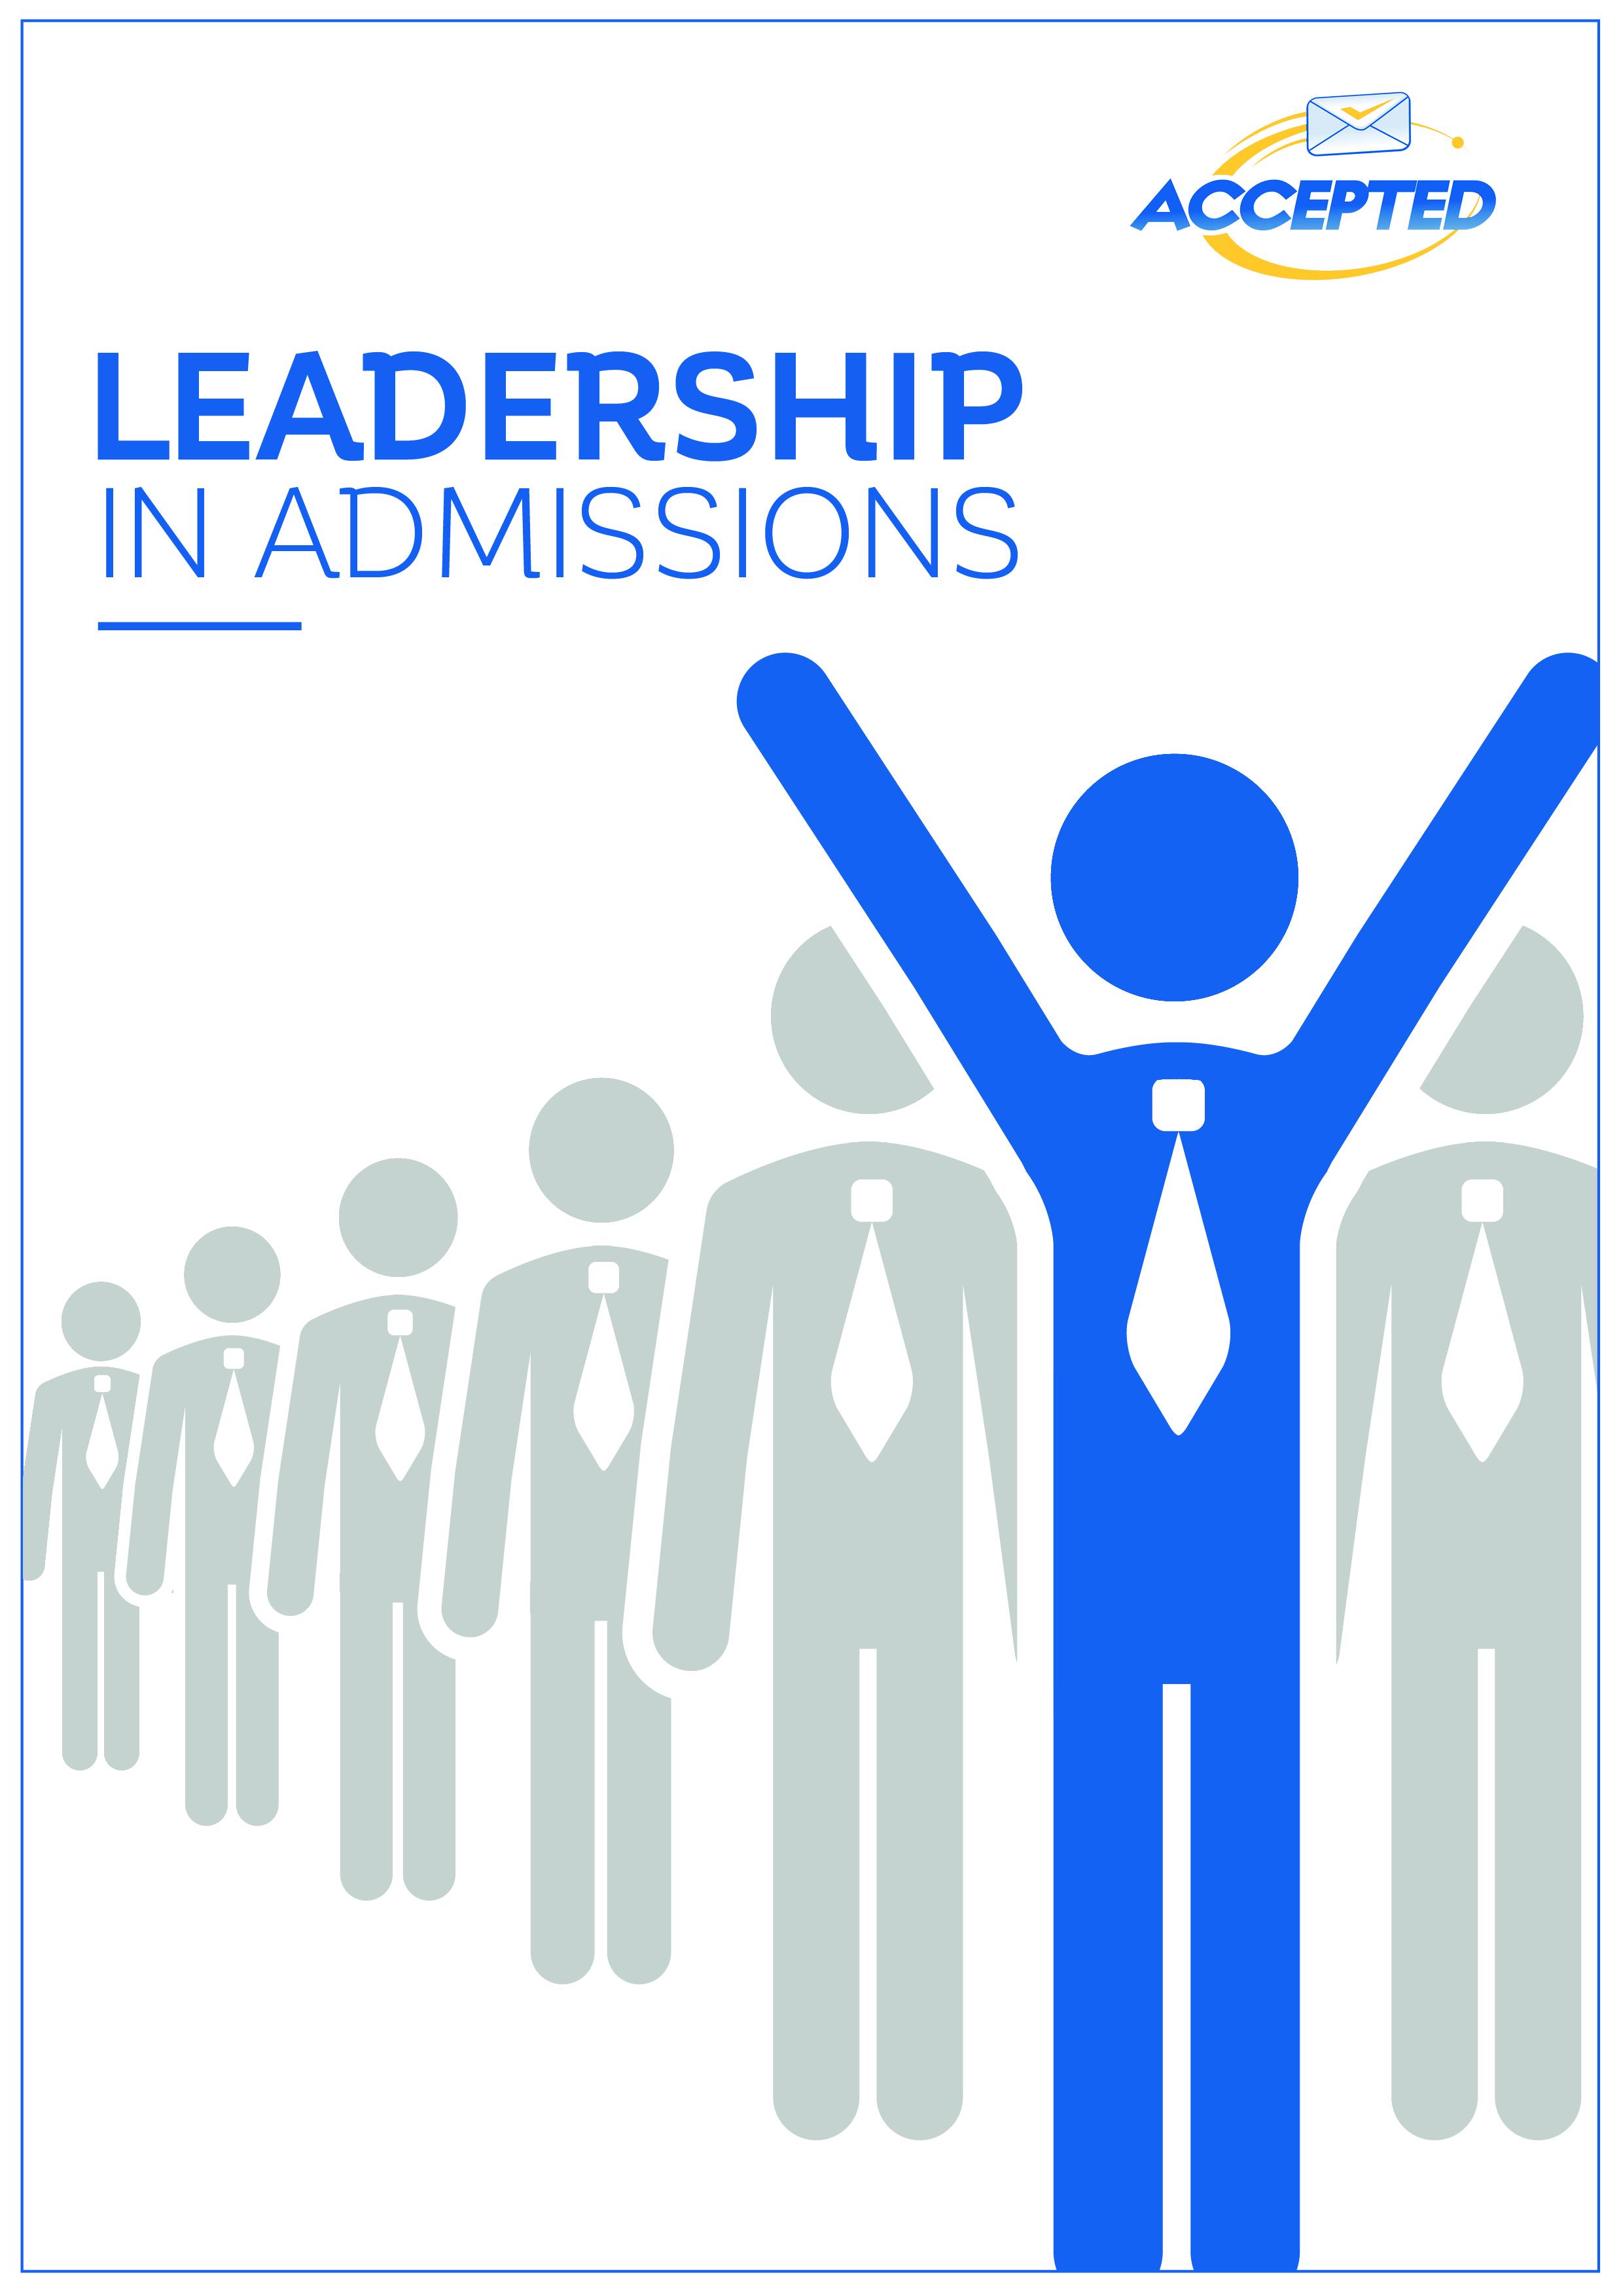 leadership-5.jpg